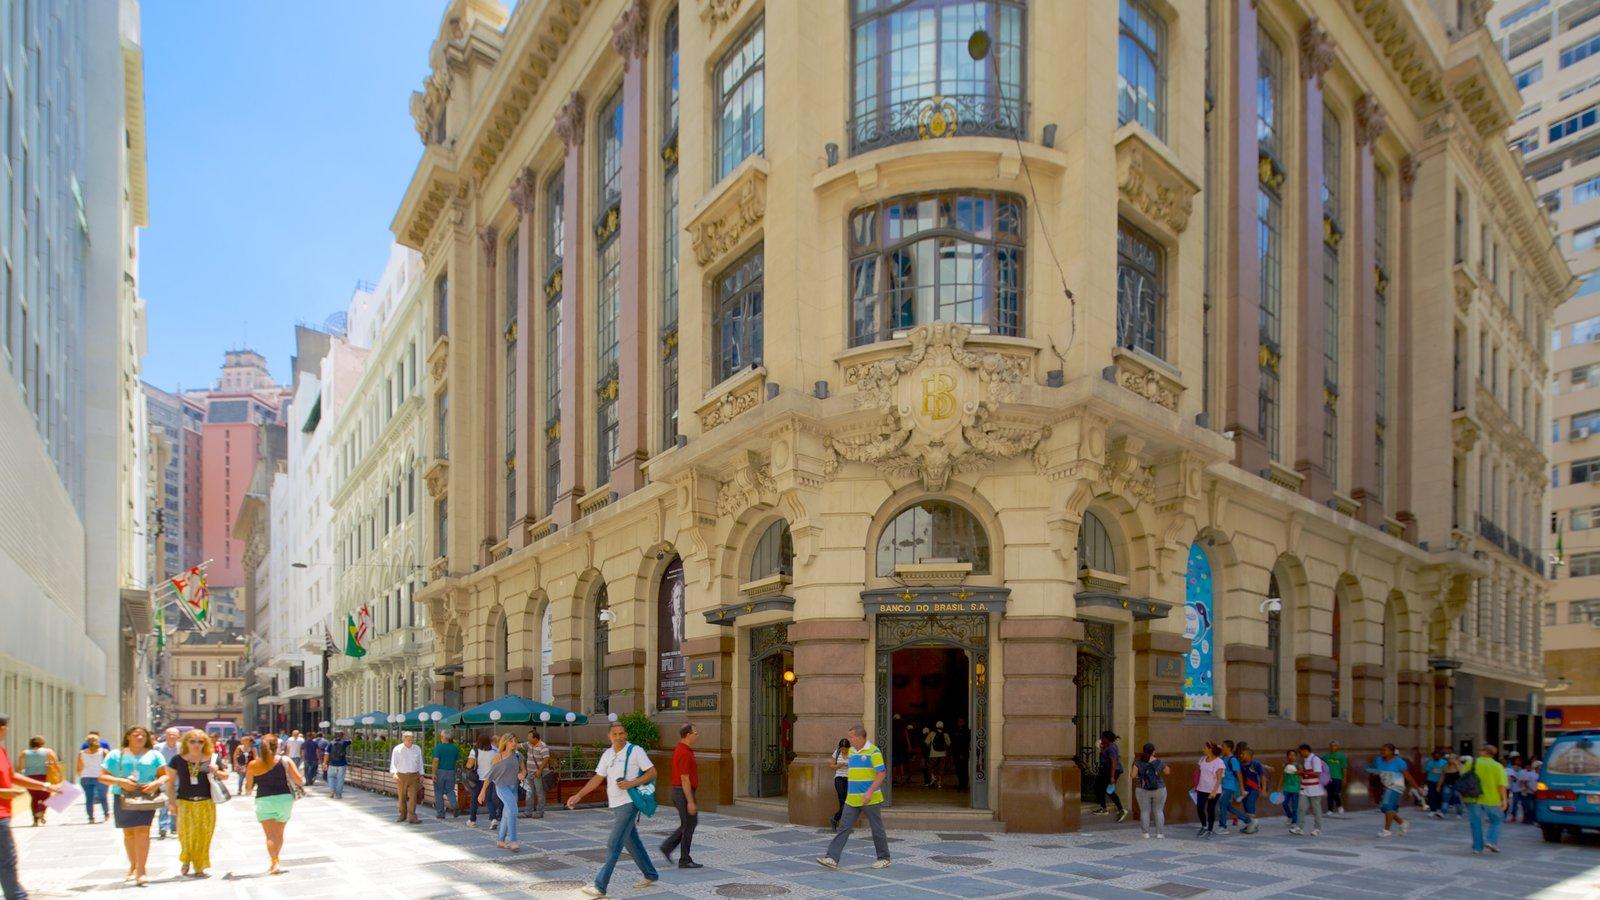 Centro Cultural Banco do Brasil caracterizando cenas de rua e arquitetura de patrimônio assim como um grande grupo de pessoas